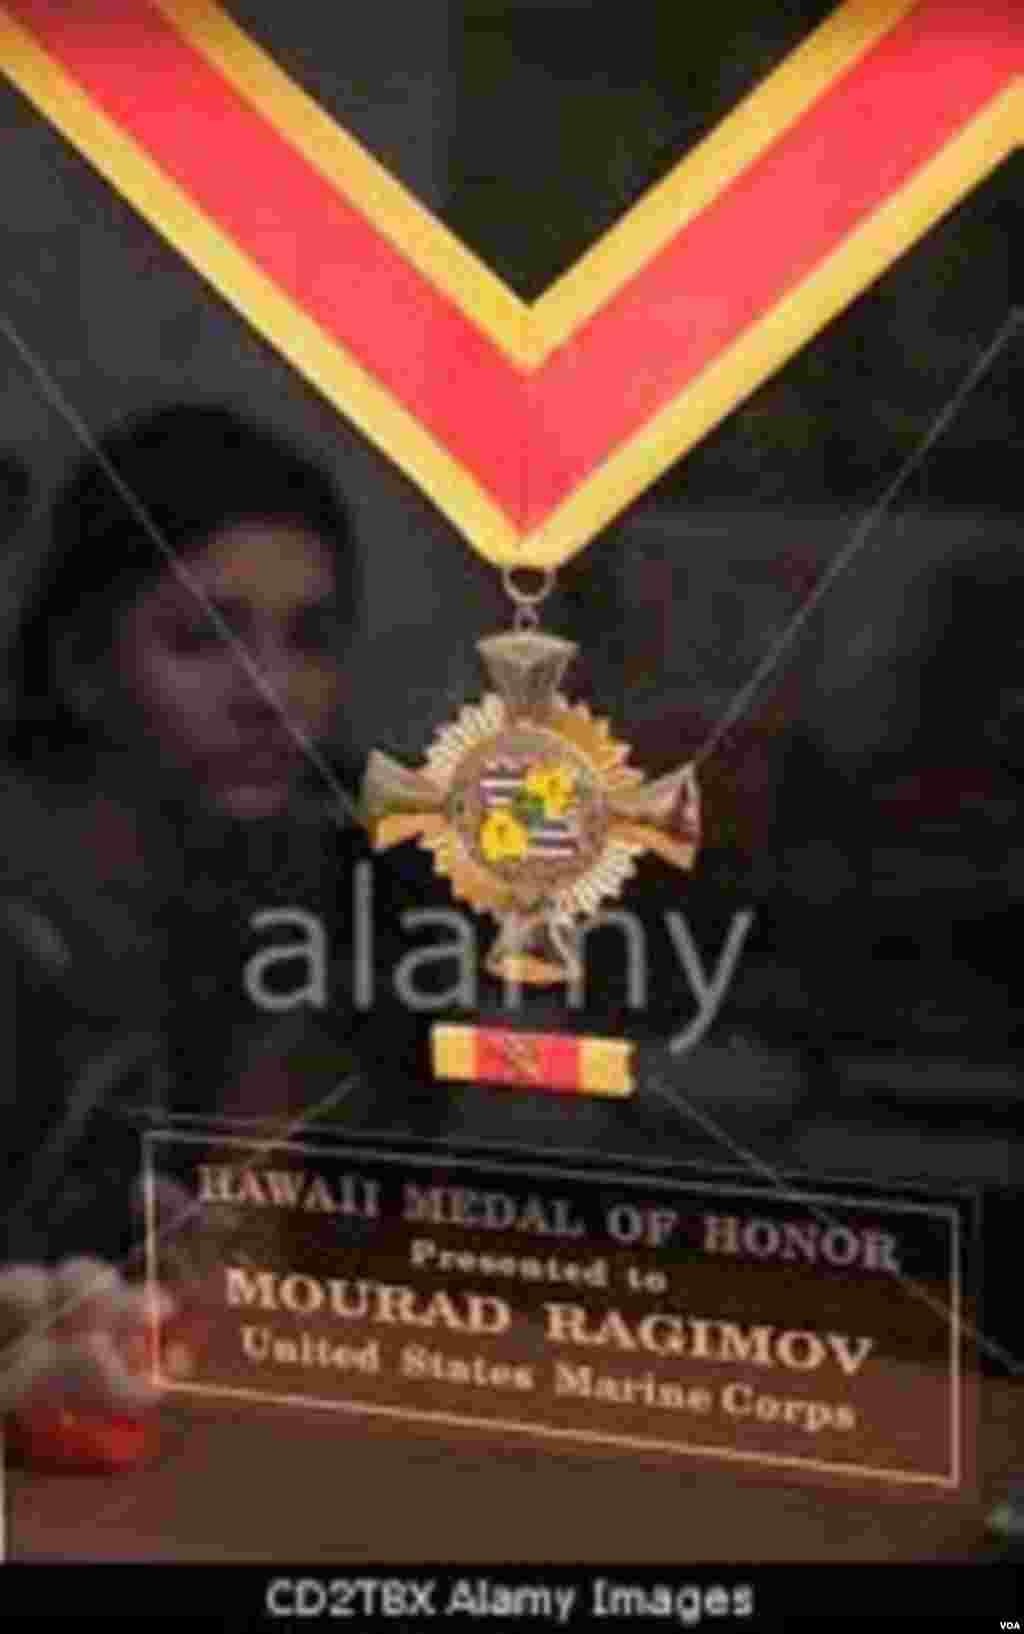 Murad Rəhimovun Havay adalarında ABŞ hərbi dəniz qüvvələrinin bazasında təlimdə iştiraka görə aldığı medal.